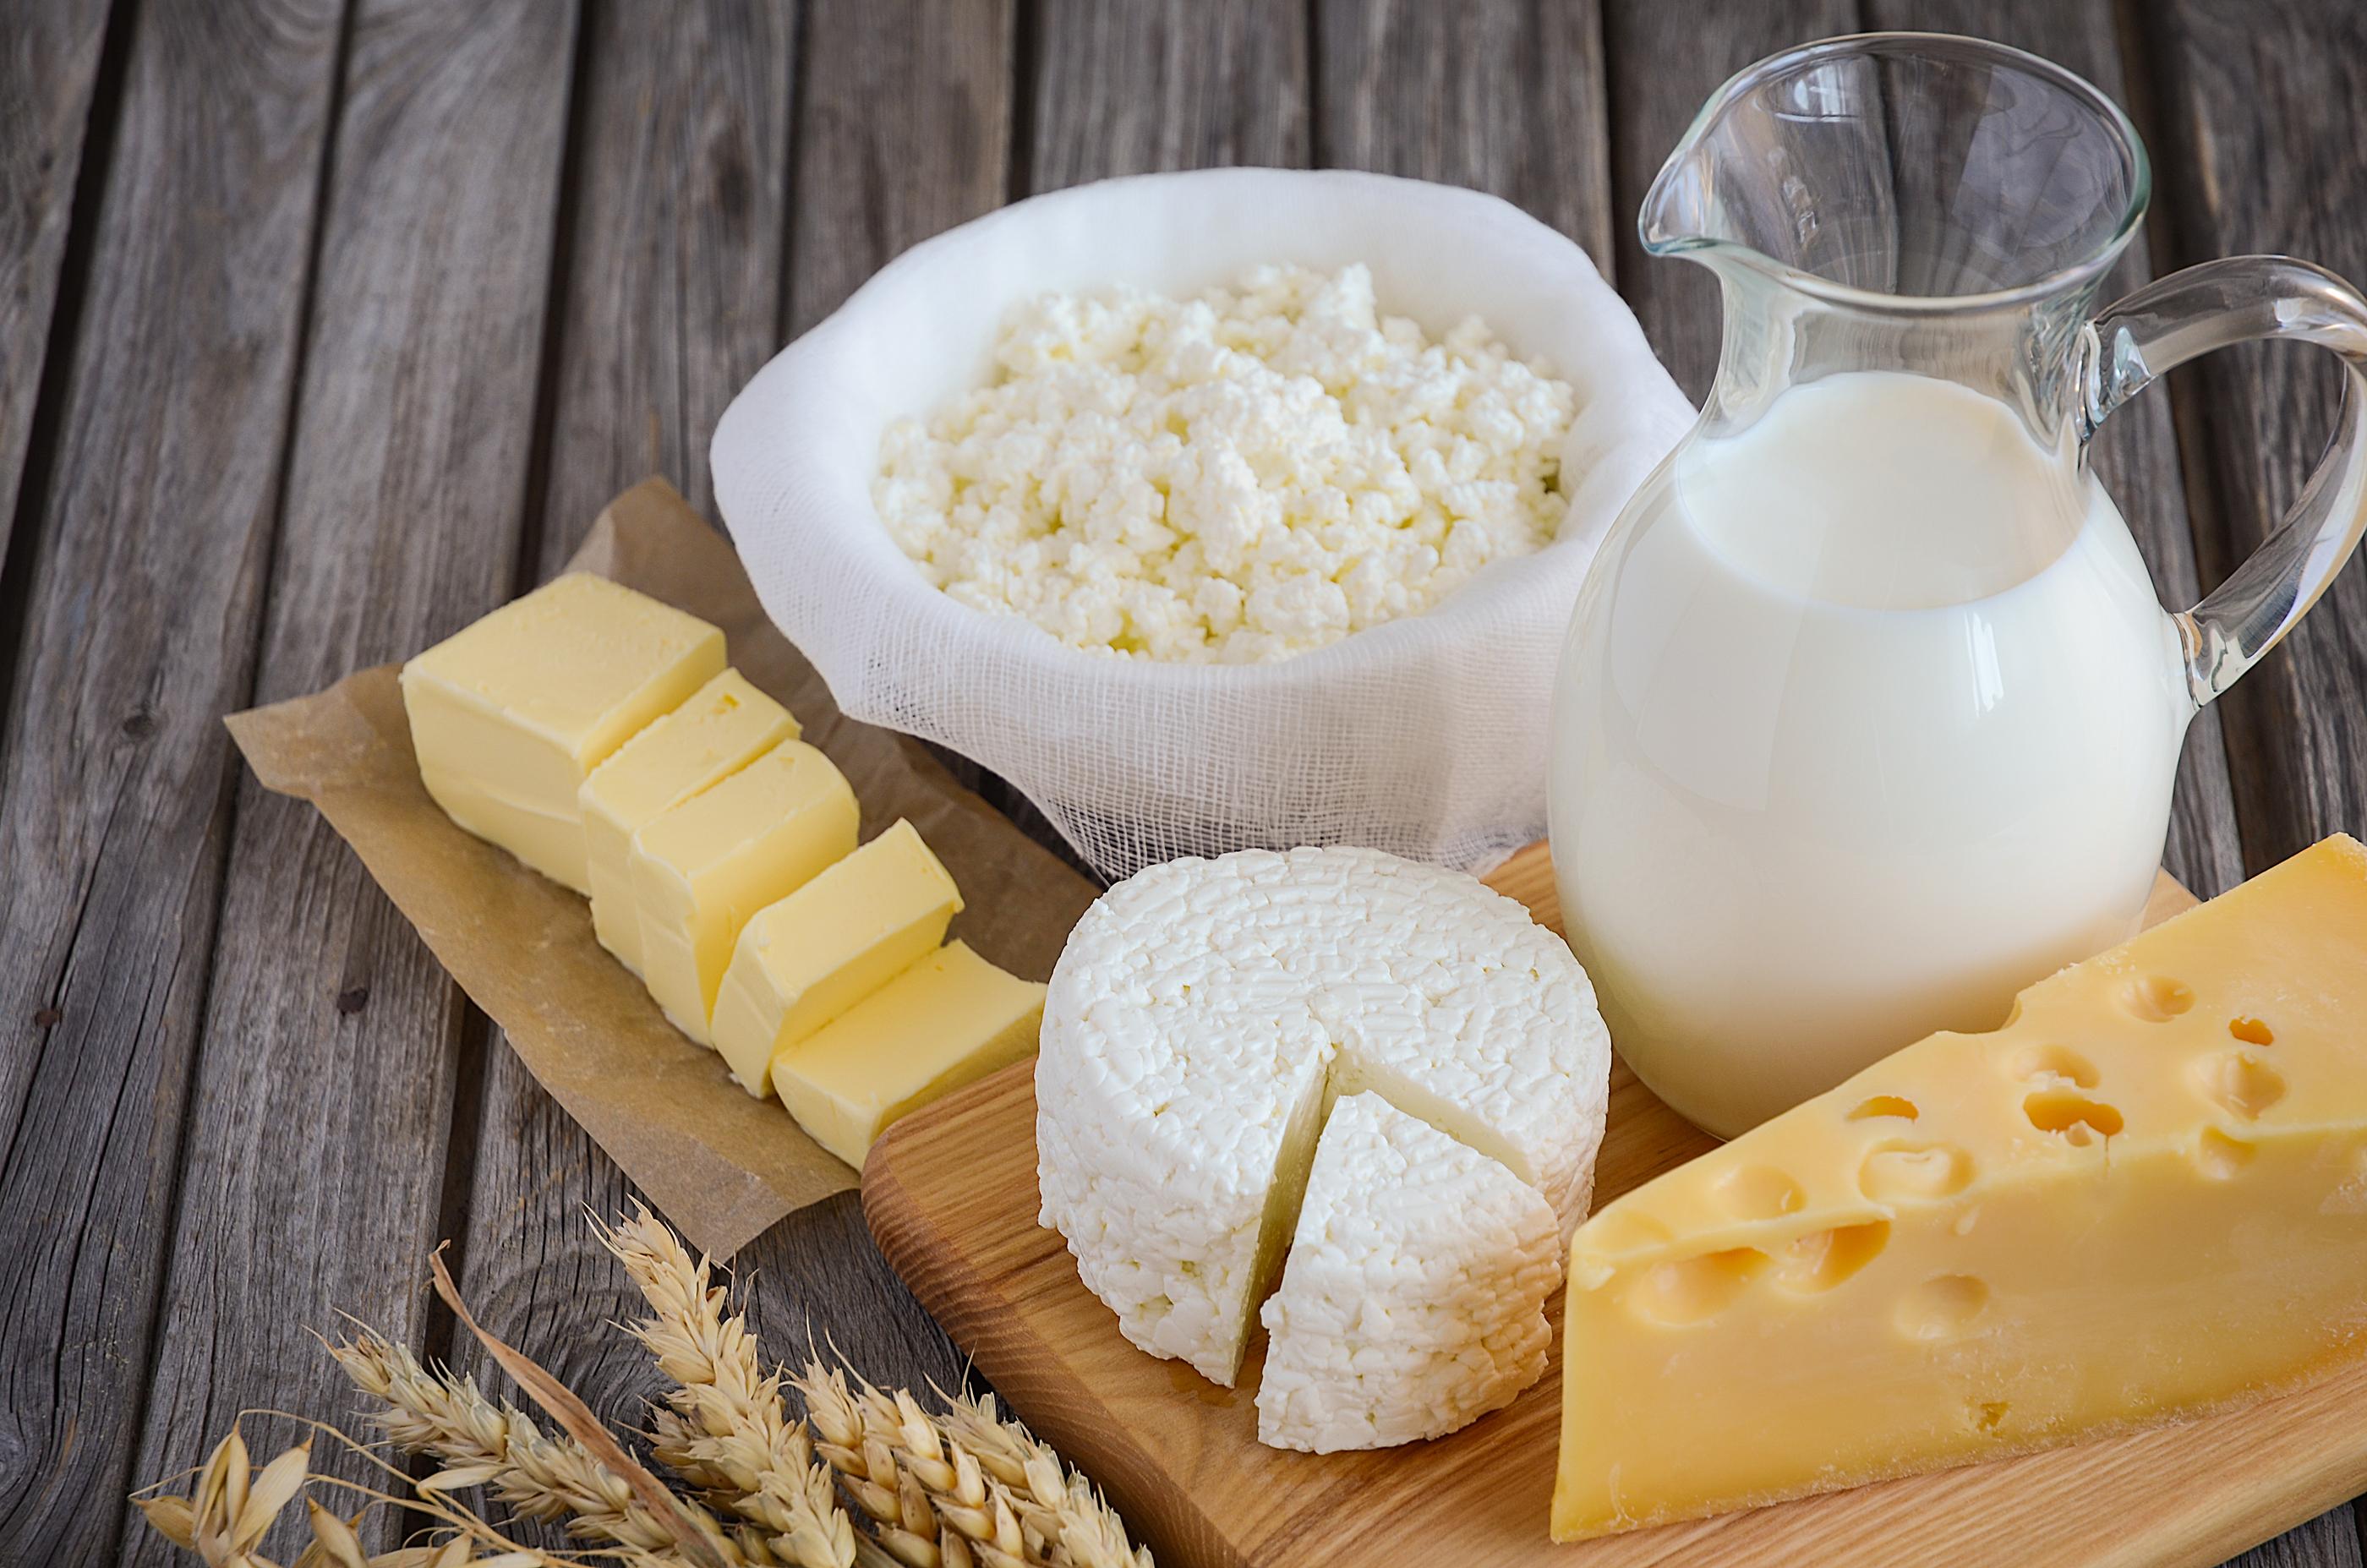 Картинки с молочной продукцией